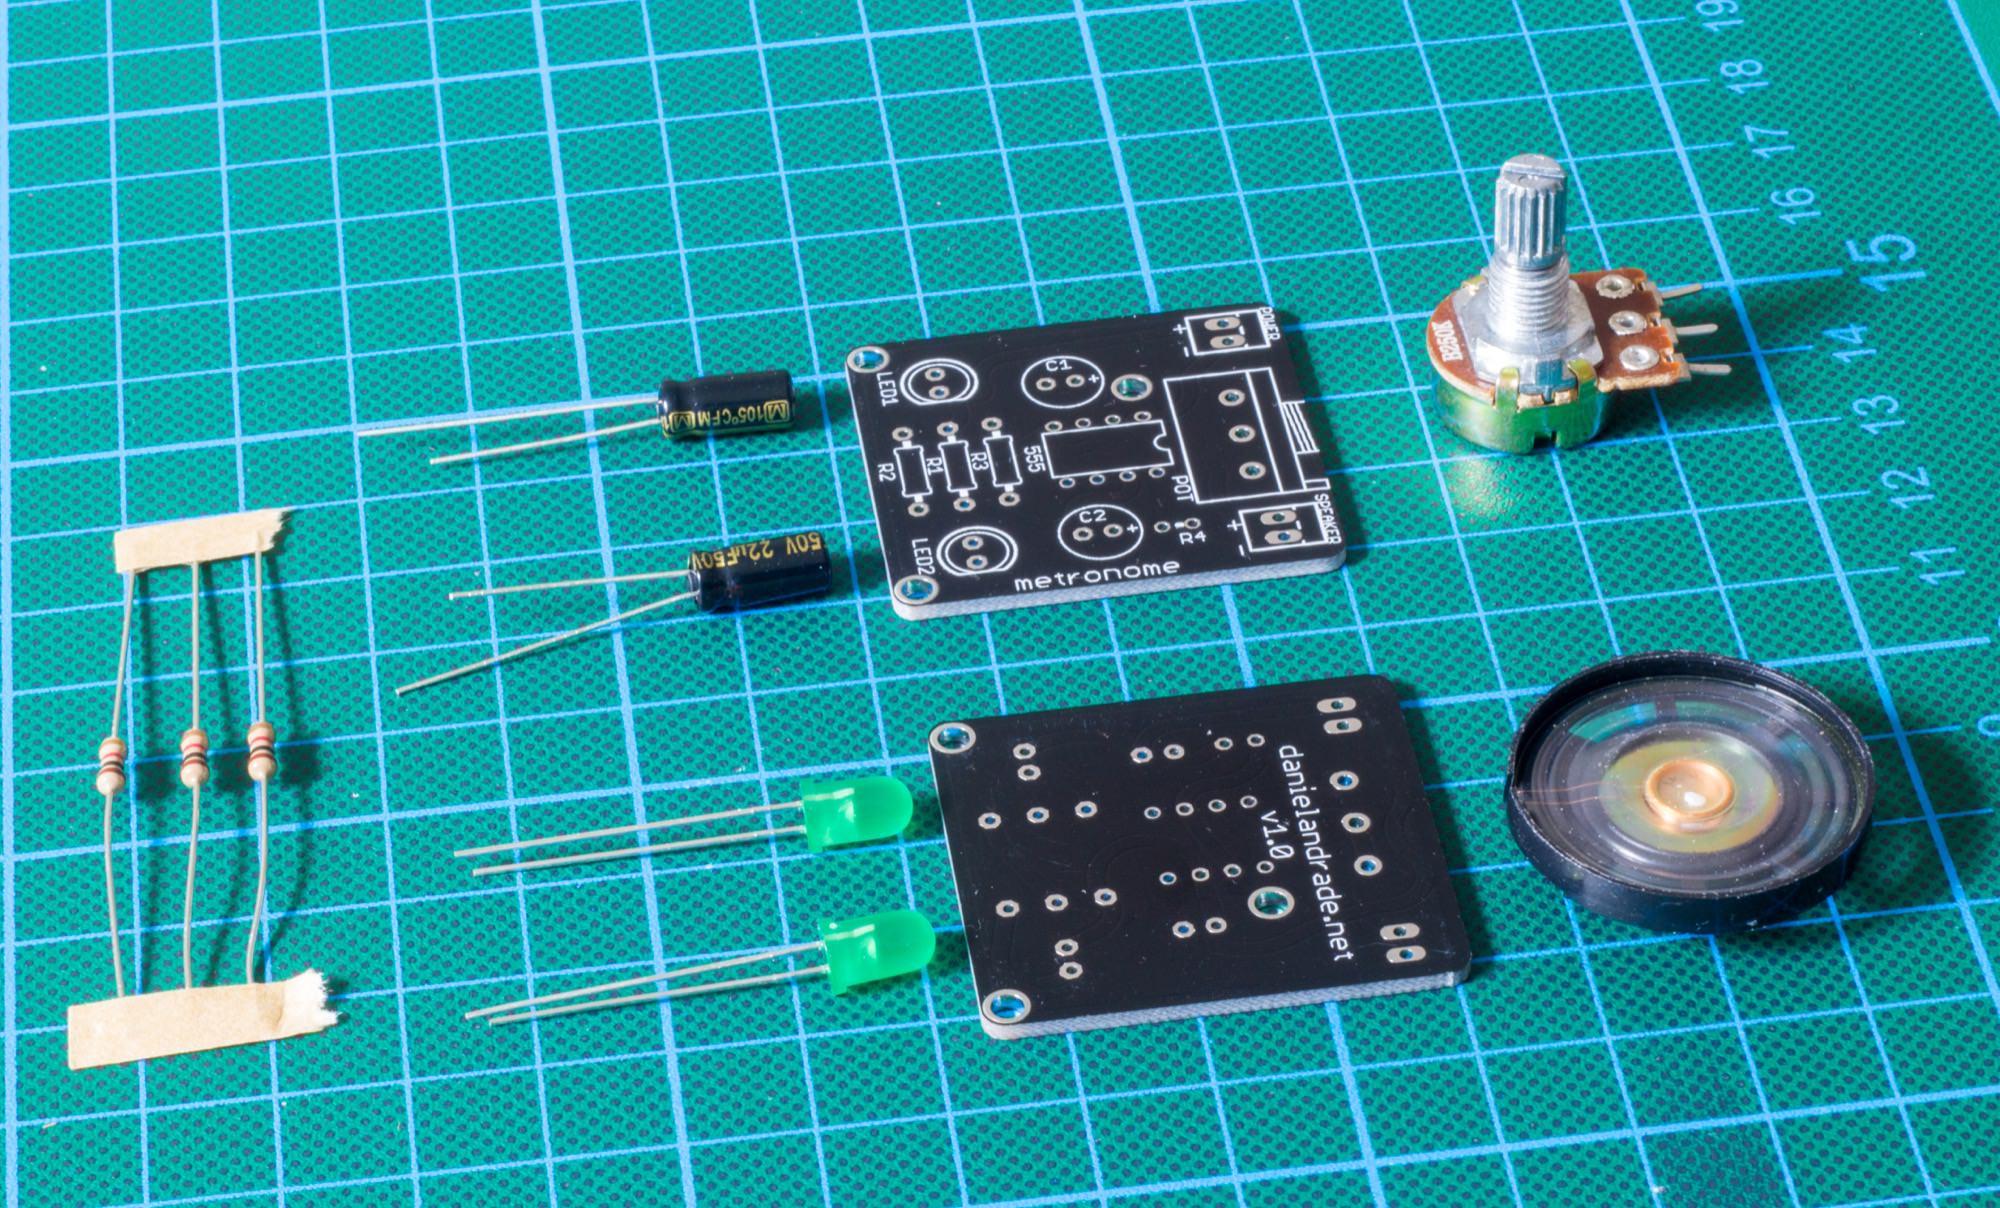 metronome components